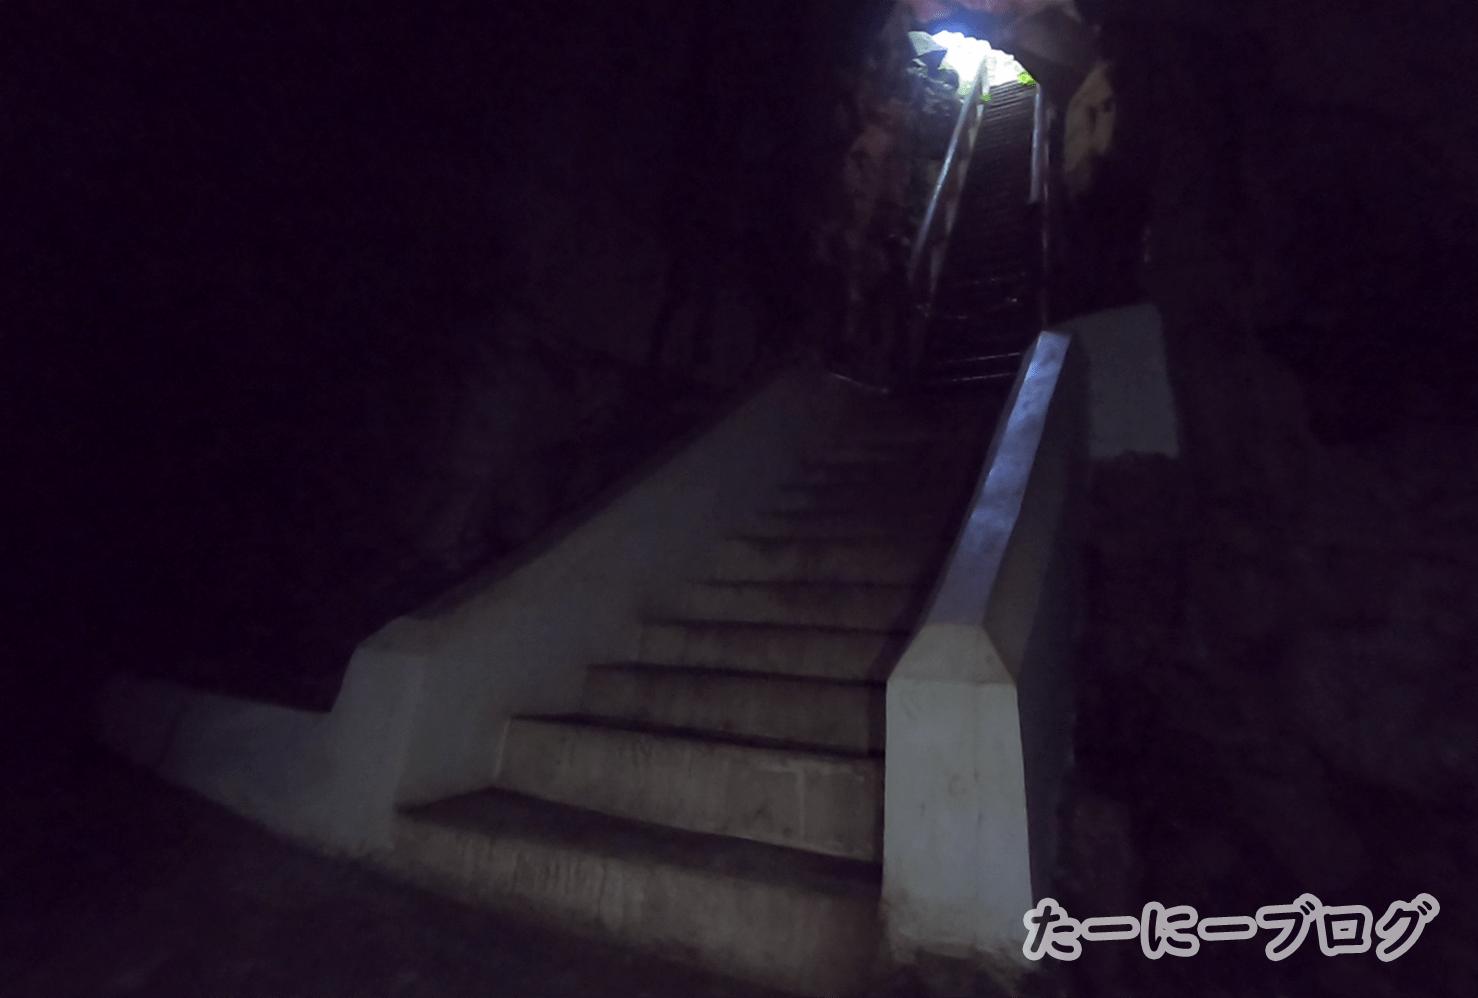 カオルアン奥の暗い所